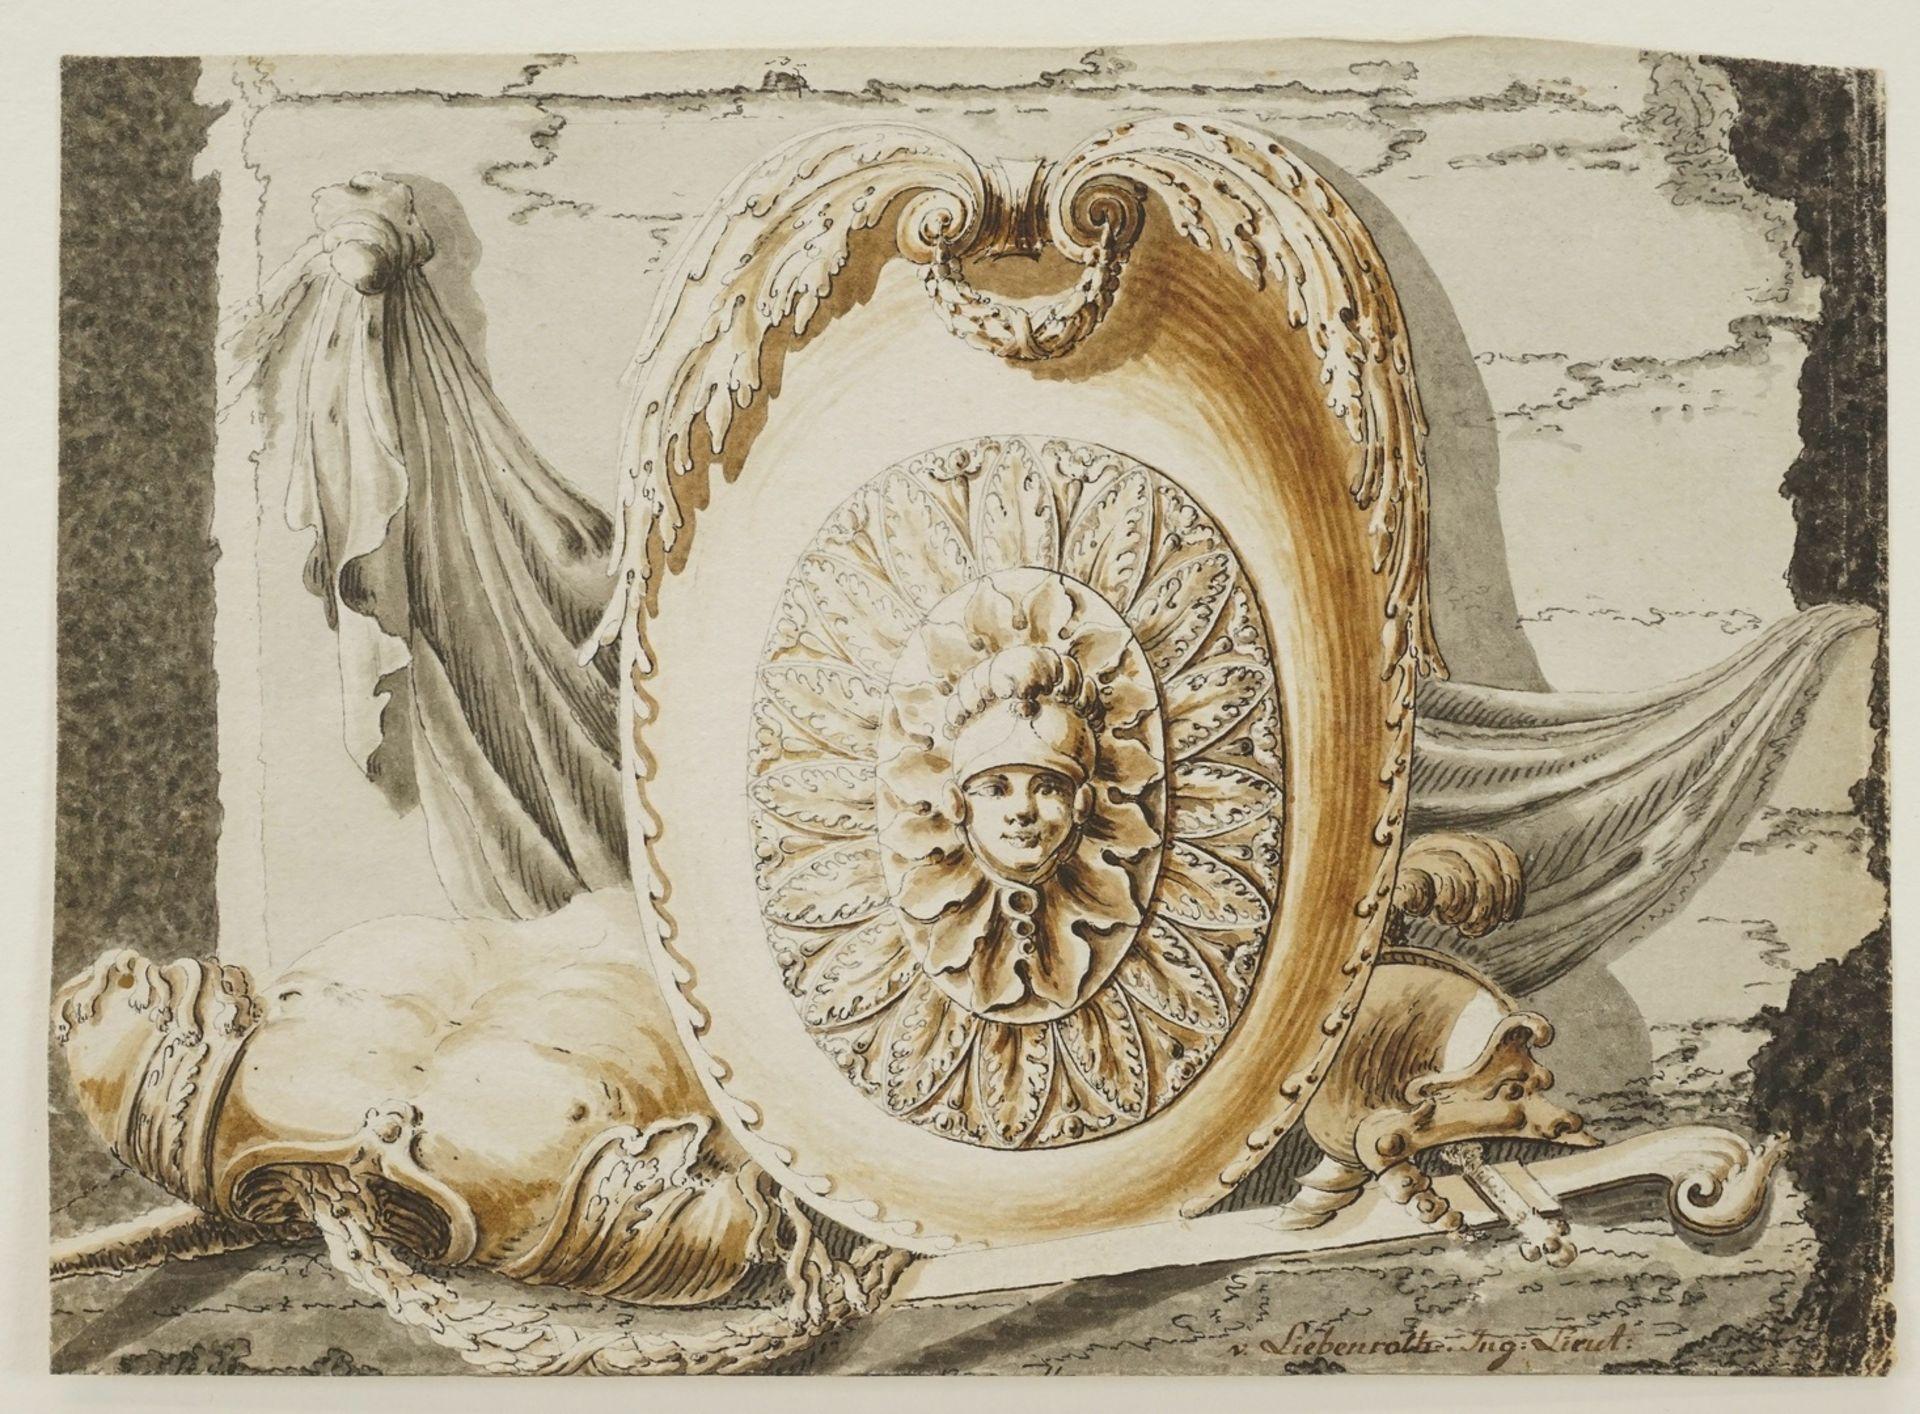 Gabriel von Liebenroth, Ehrenblatt für die Gefallenen - Bild 3 aus 4